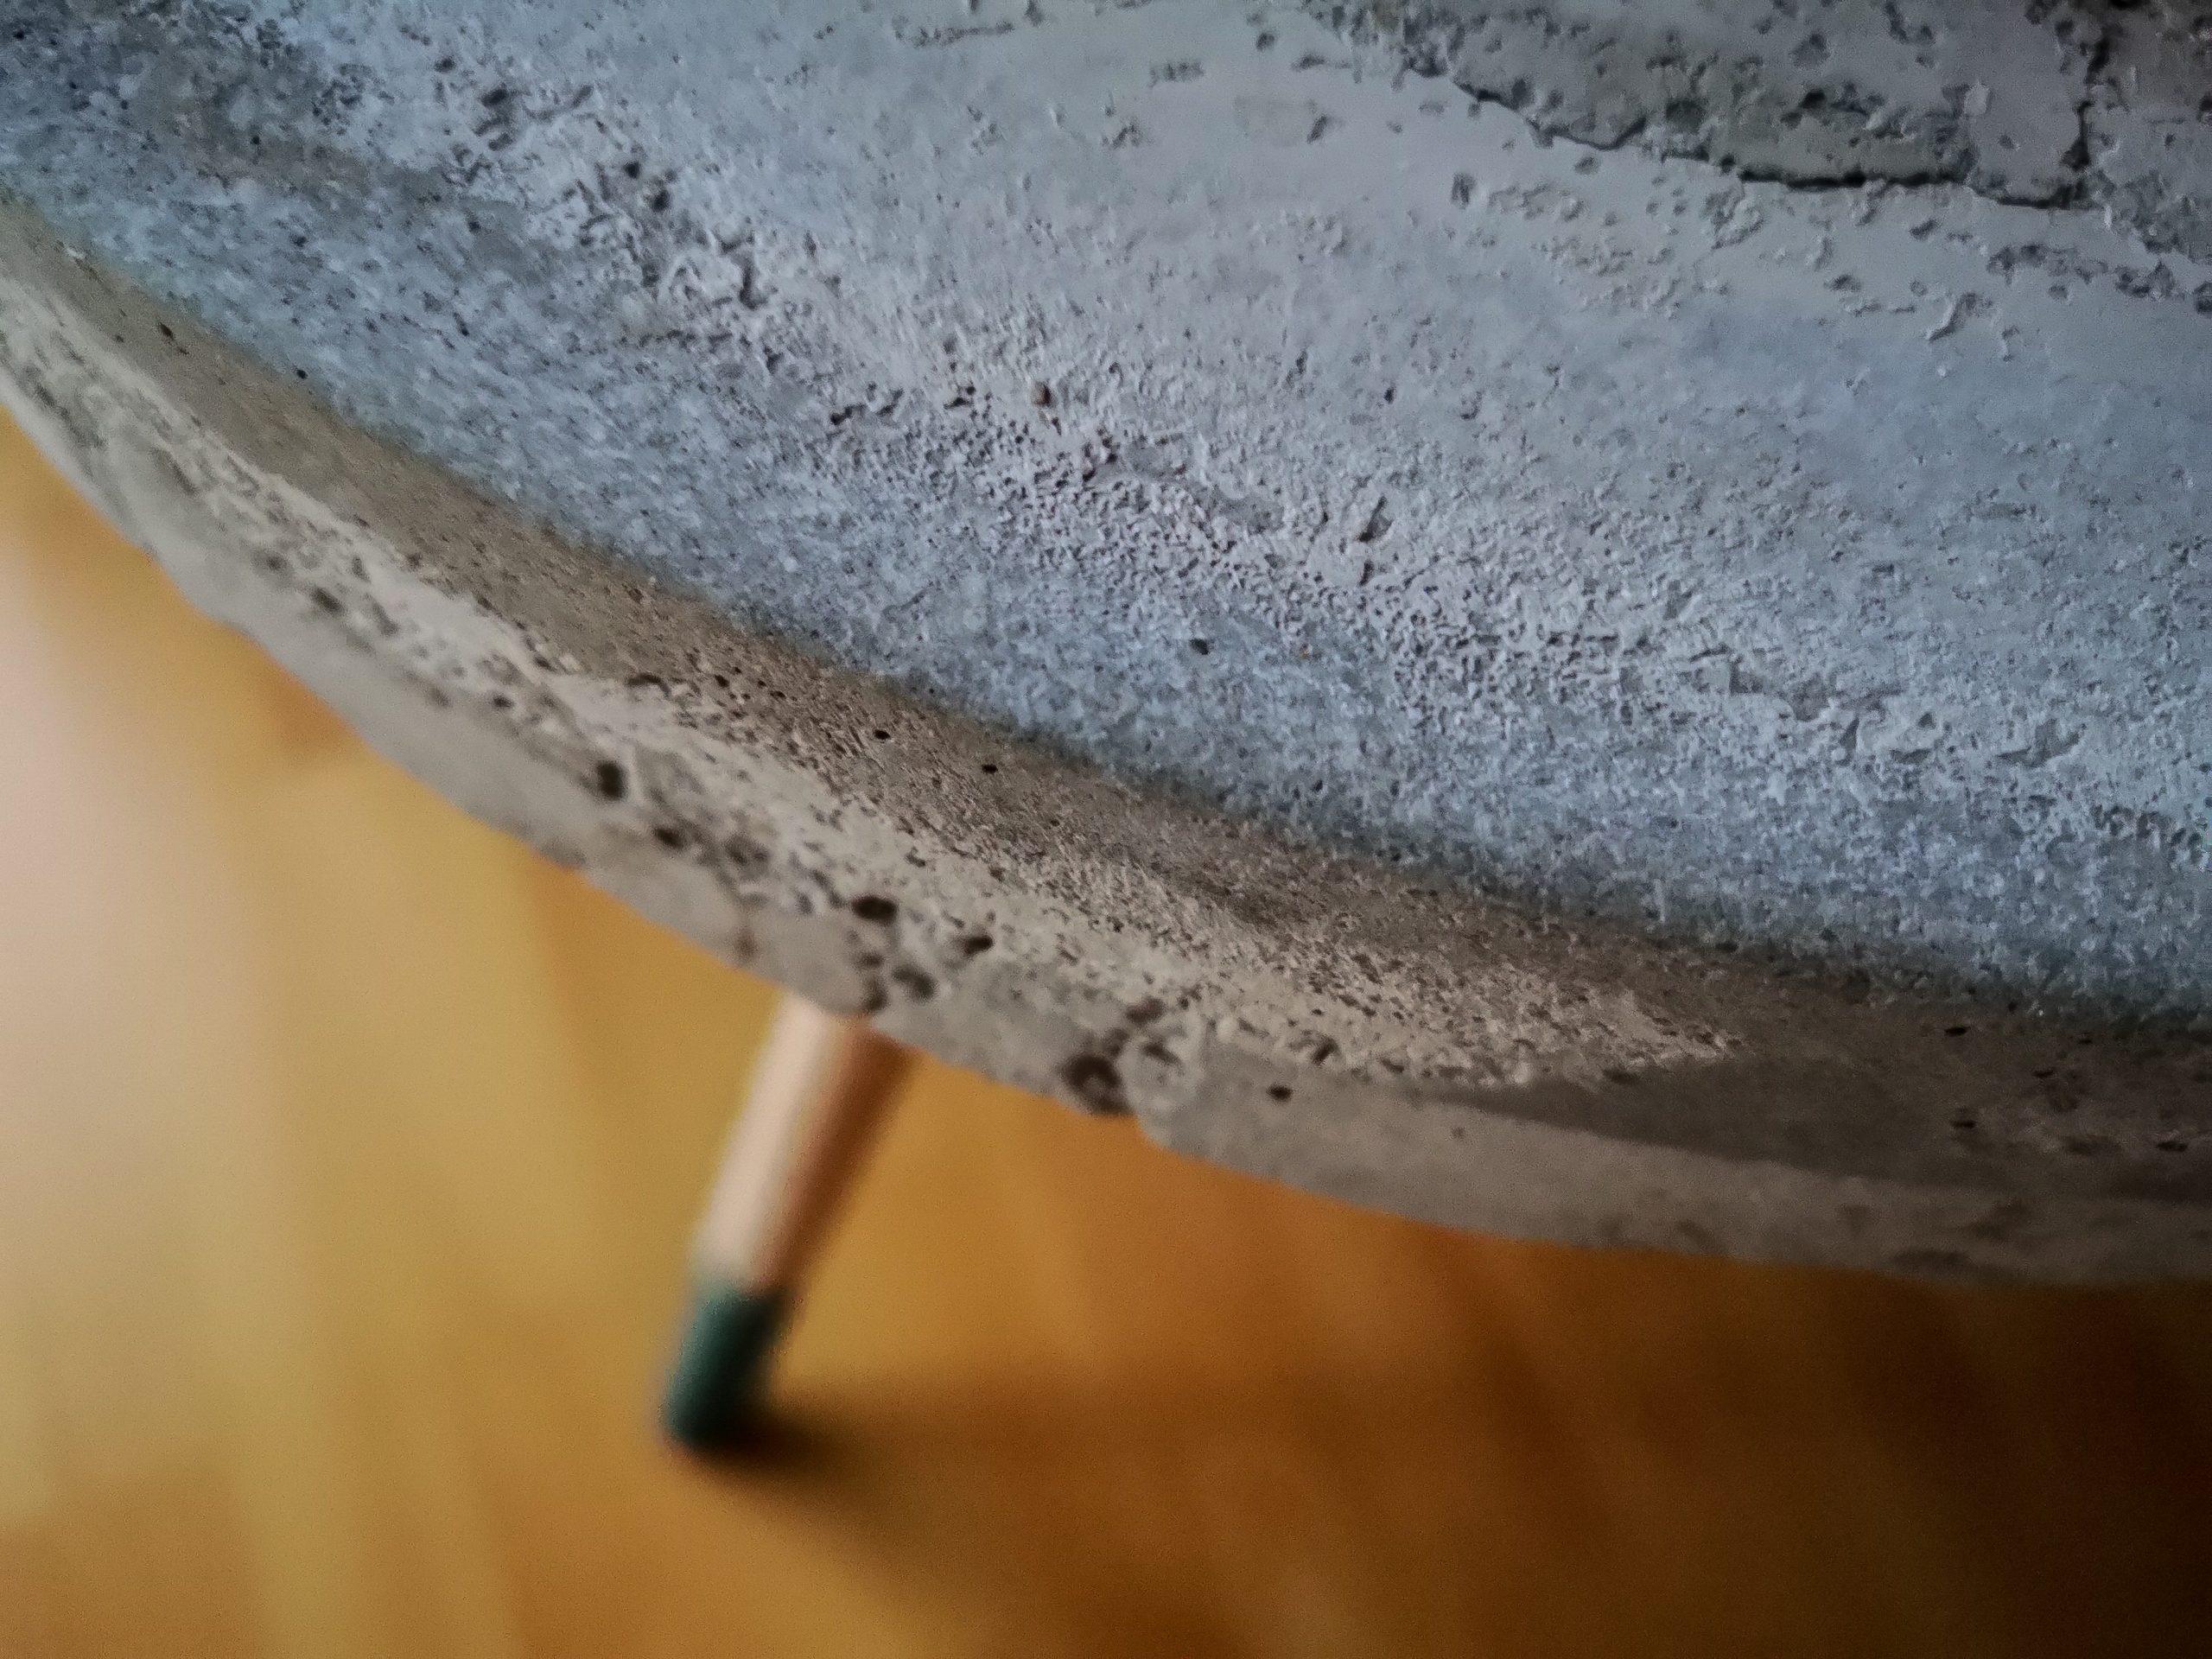 IMG 20201125 150835 scaled - DIY projekt: Ako si vyrobiť RAW stolík z betónu